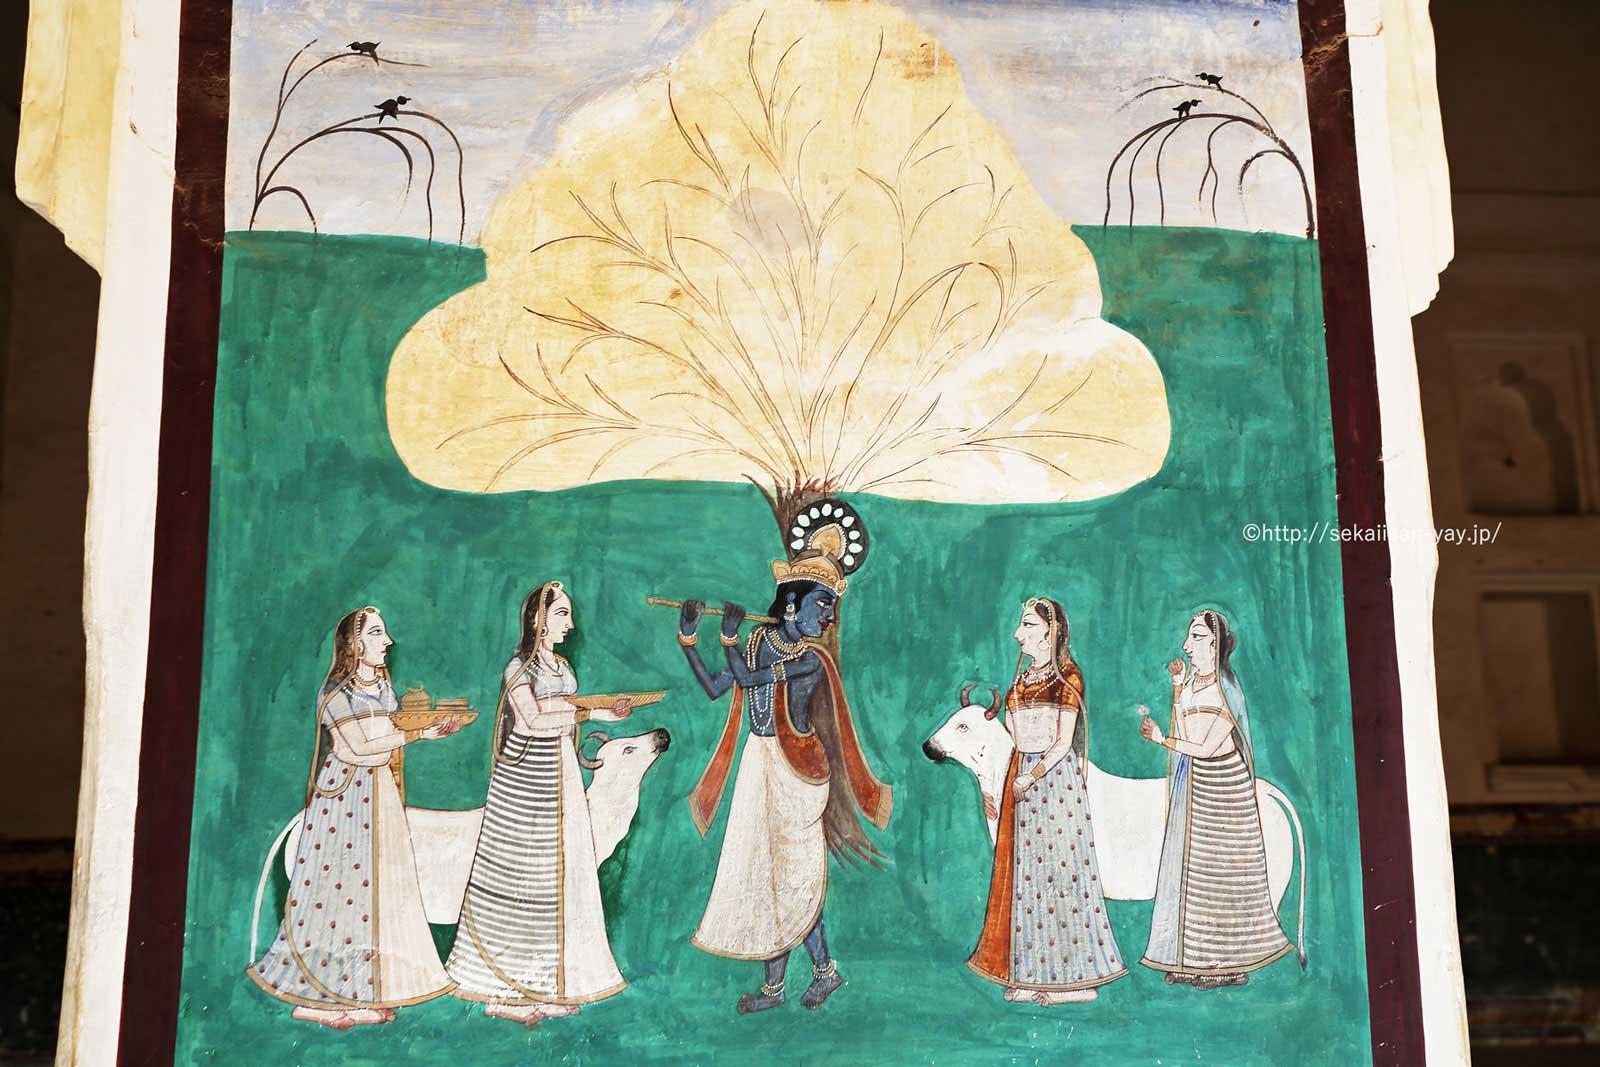 ラージャスターンの丘陵要塞群(ジャイプールのアンベール城)- ザナーナー・マハル(ハーレム)